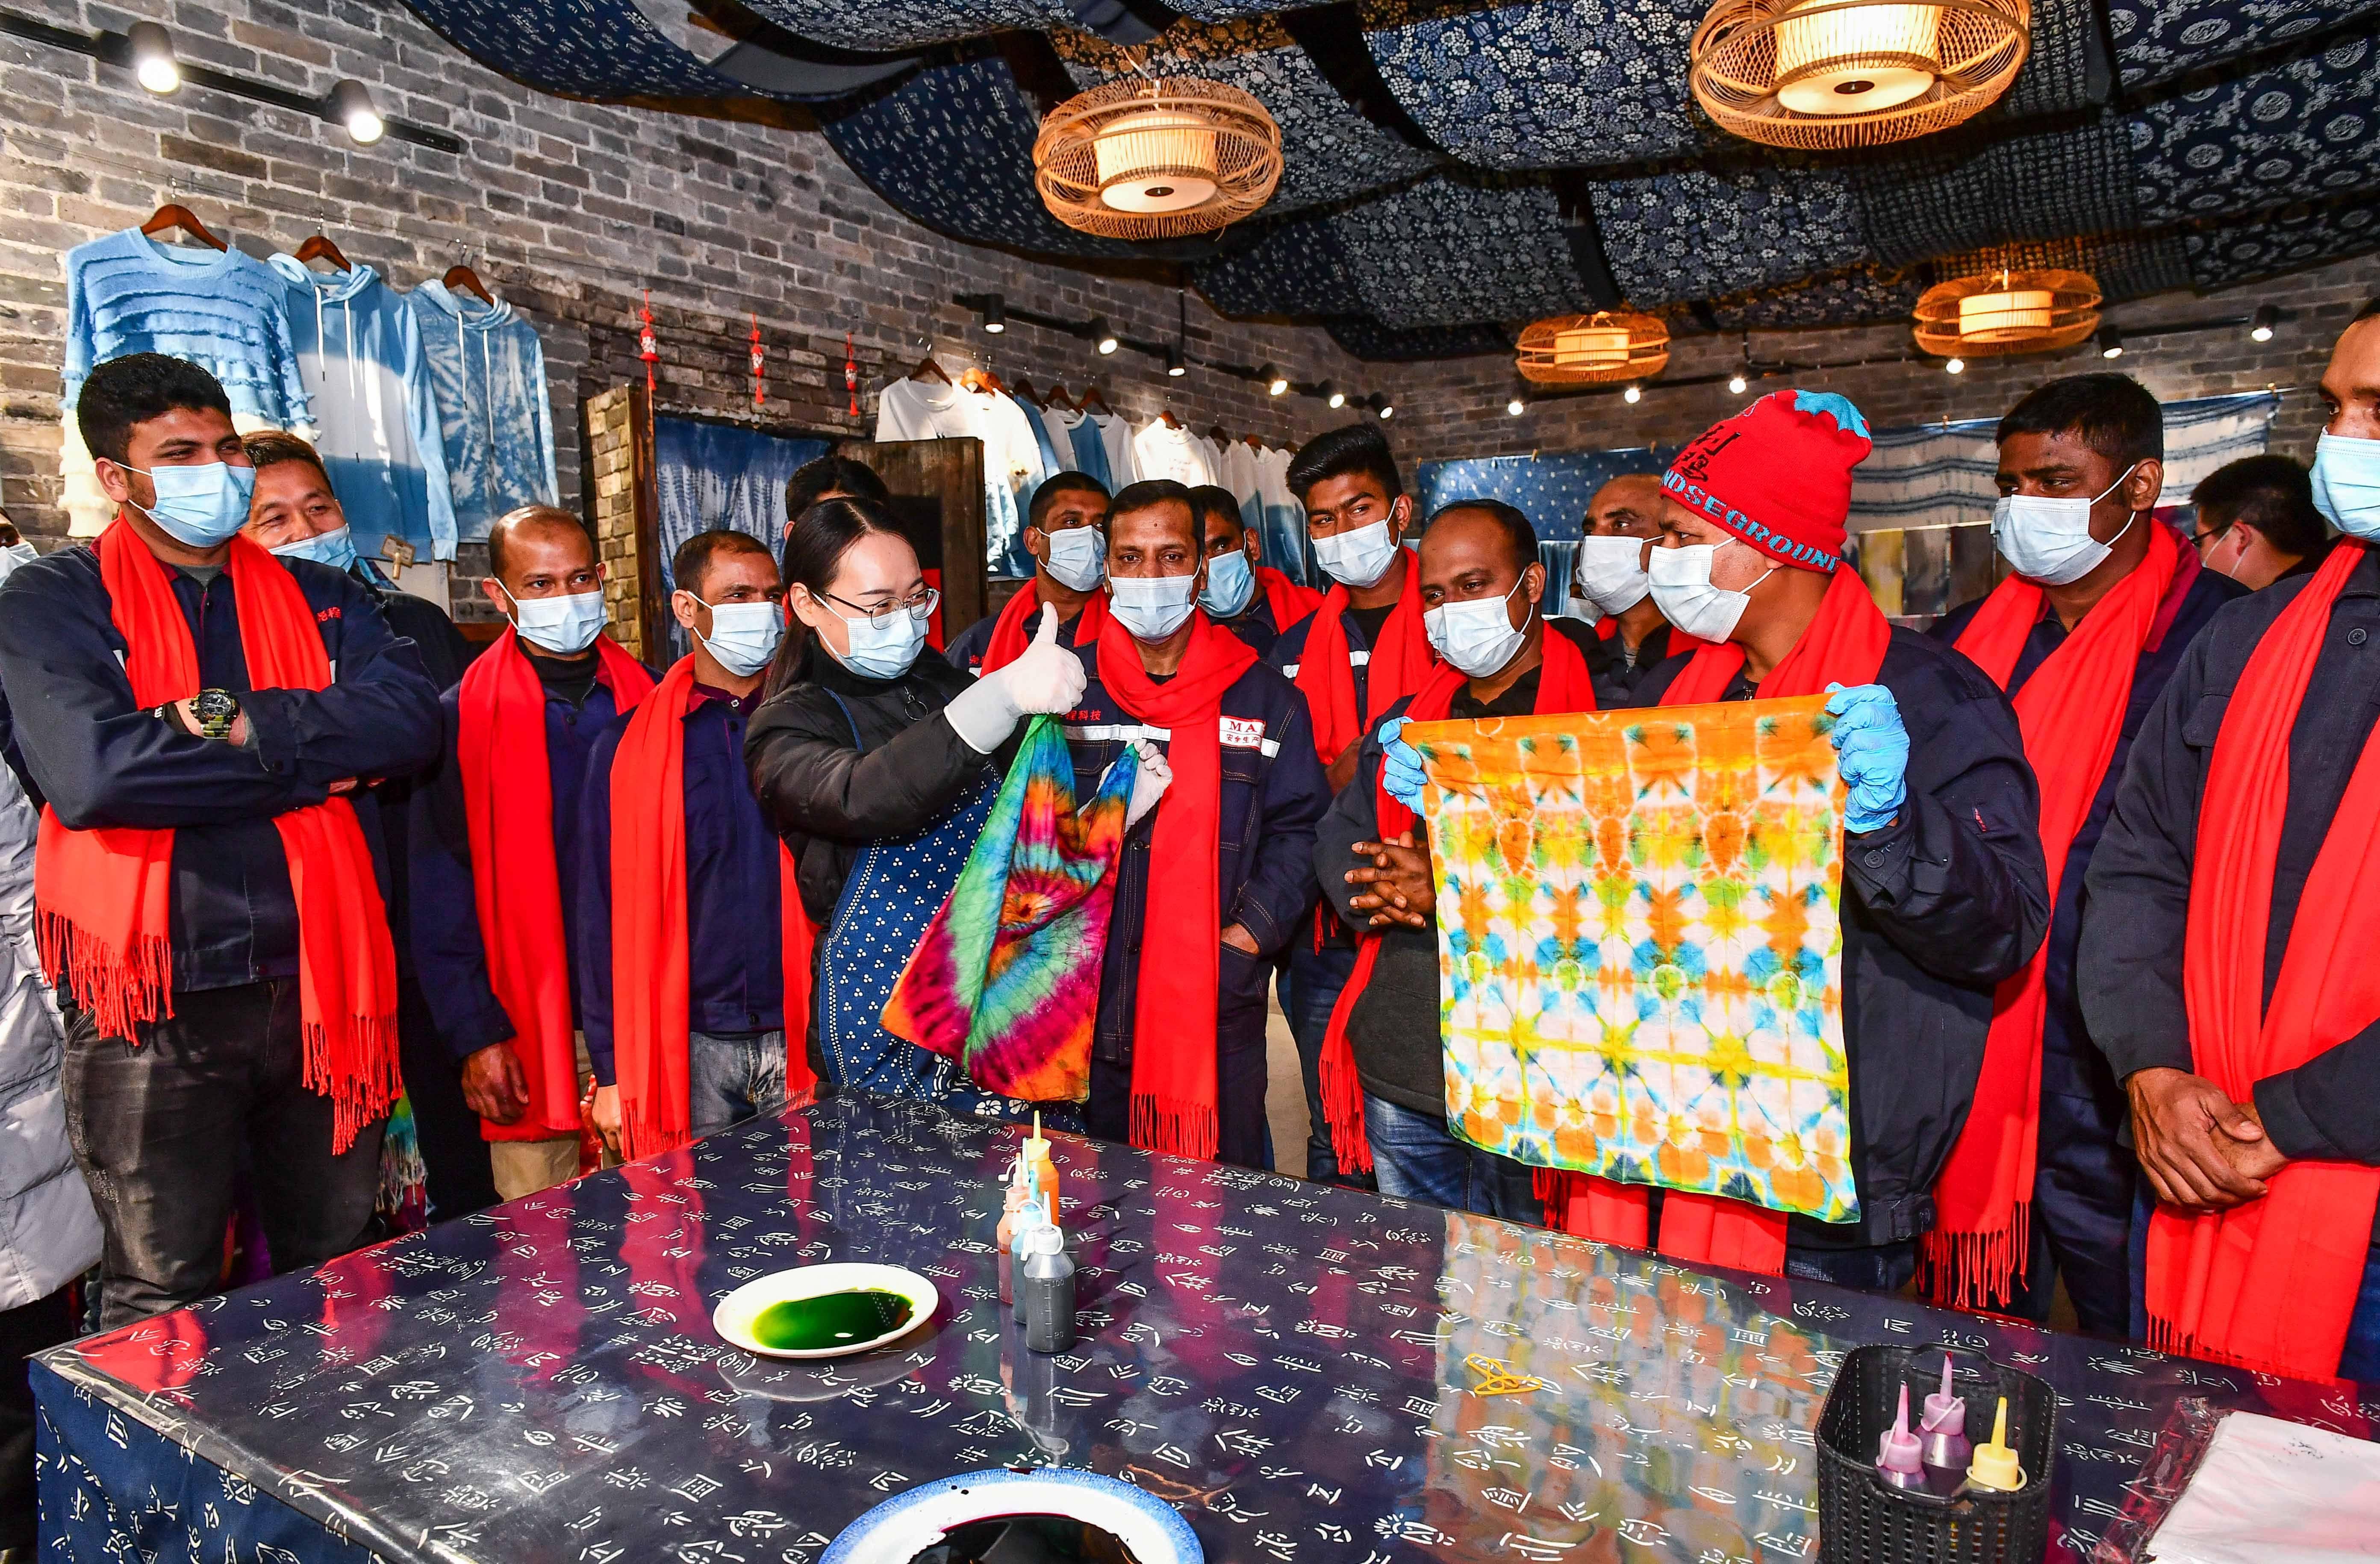 山东台儿庄:外籍务工人员就地过年 感受中国传统文化